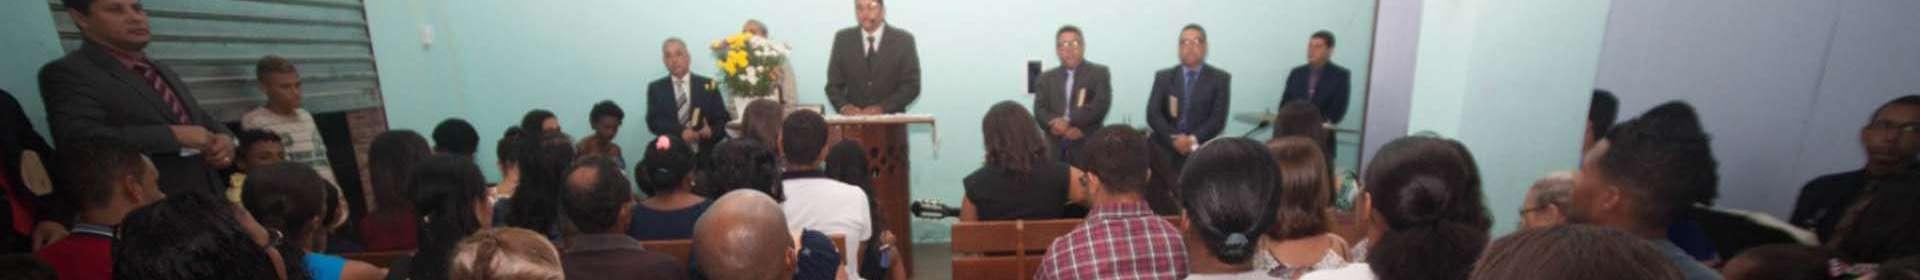 Primeiro templo da Igreja Cristã Maranata é consagrado em Oratórios, Minas Gerais